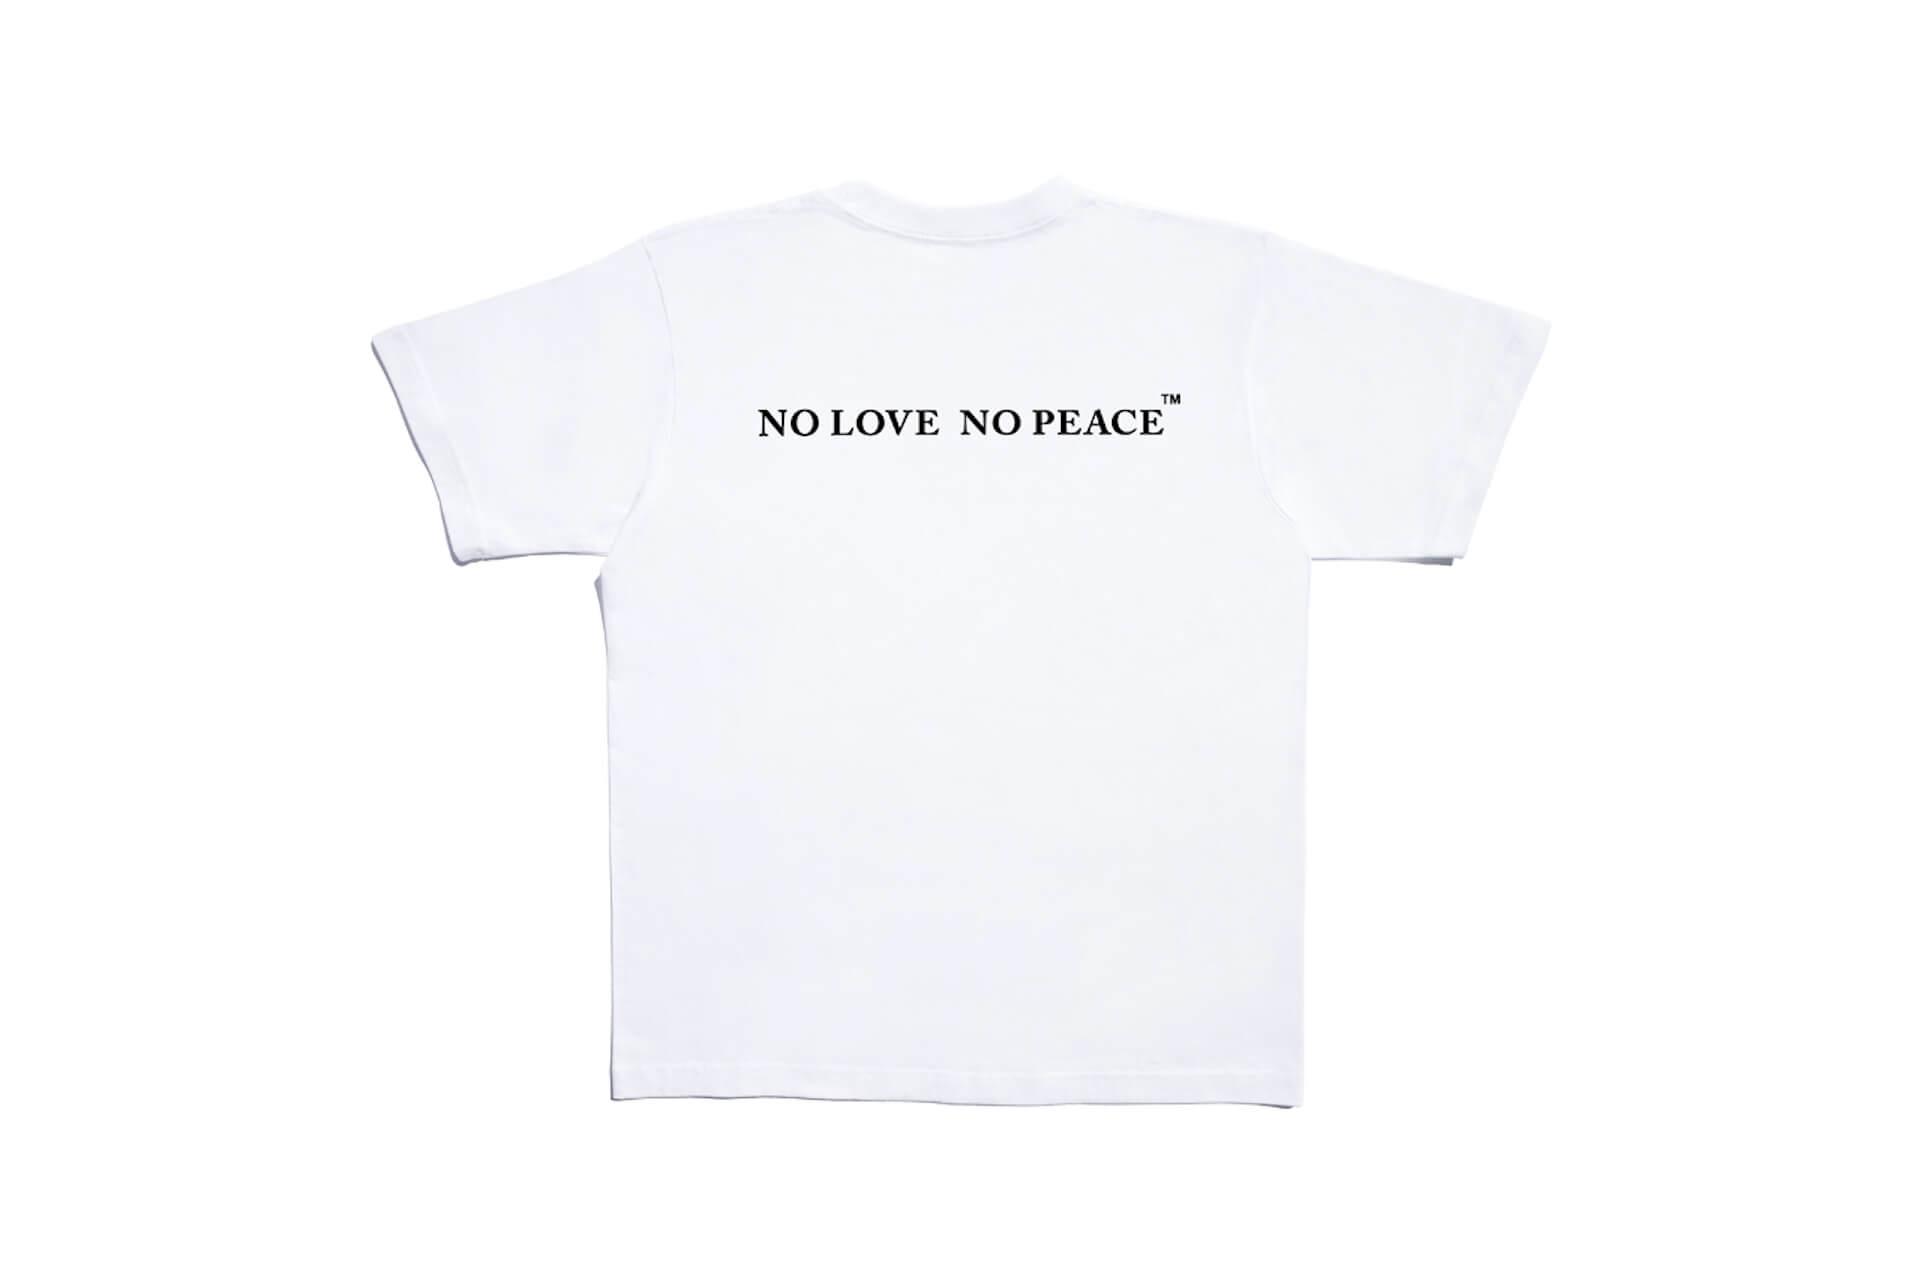 ファレル・ウィリアムス、VANSが認めたMASAの「MARC HARN」が新作の受注受付を開始!Tシャツやキャップなど12アイテム lf200618_marcharn_03